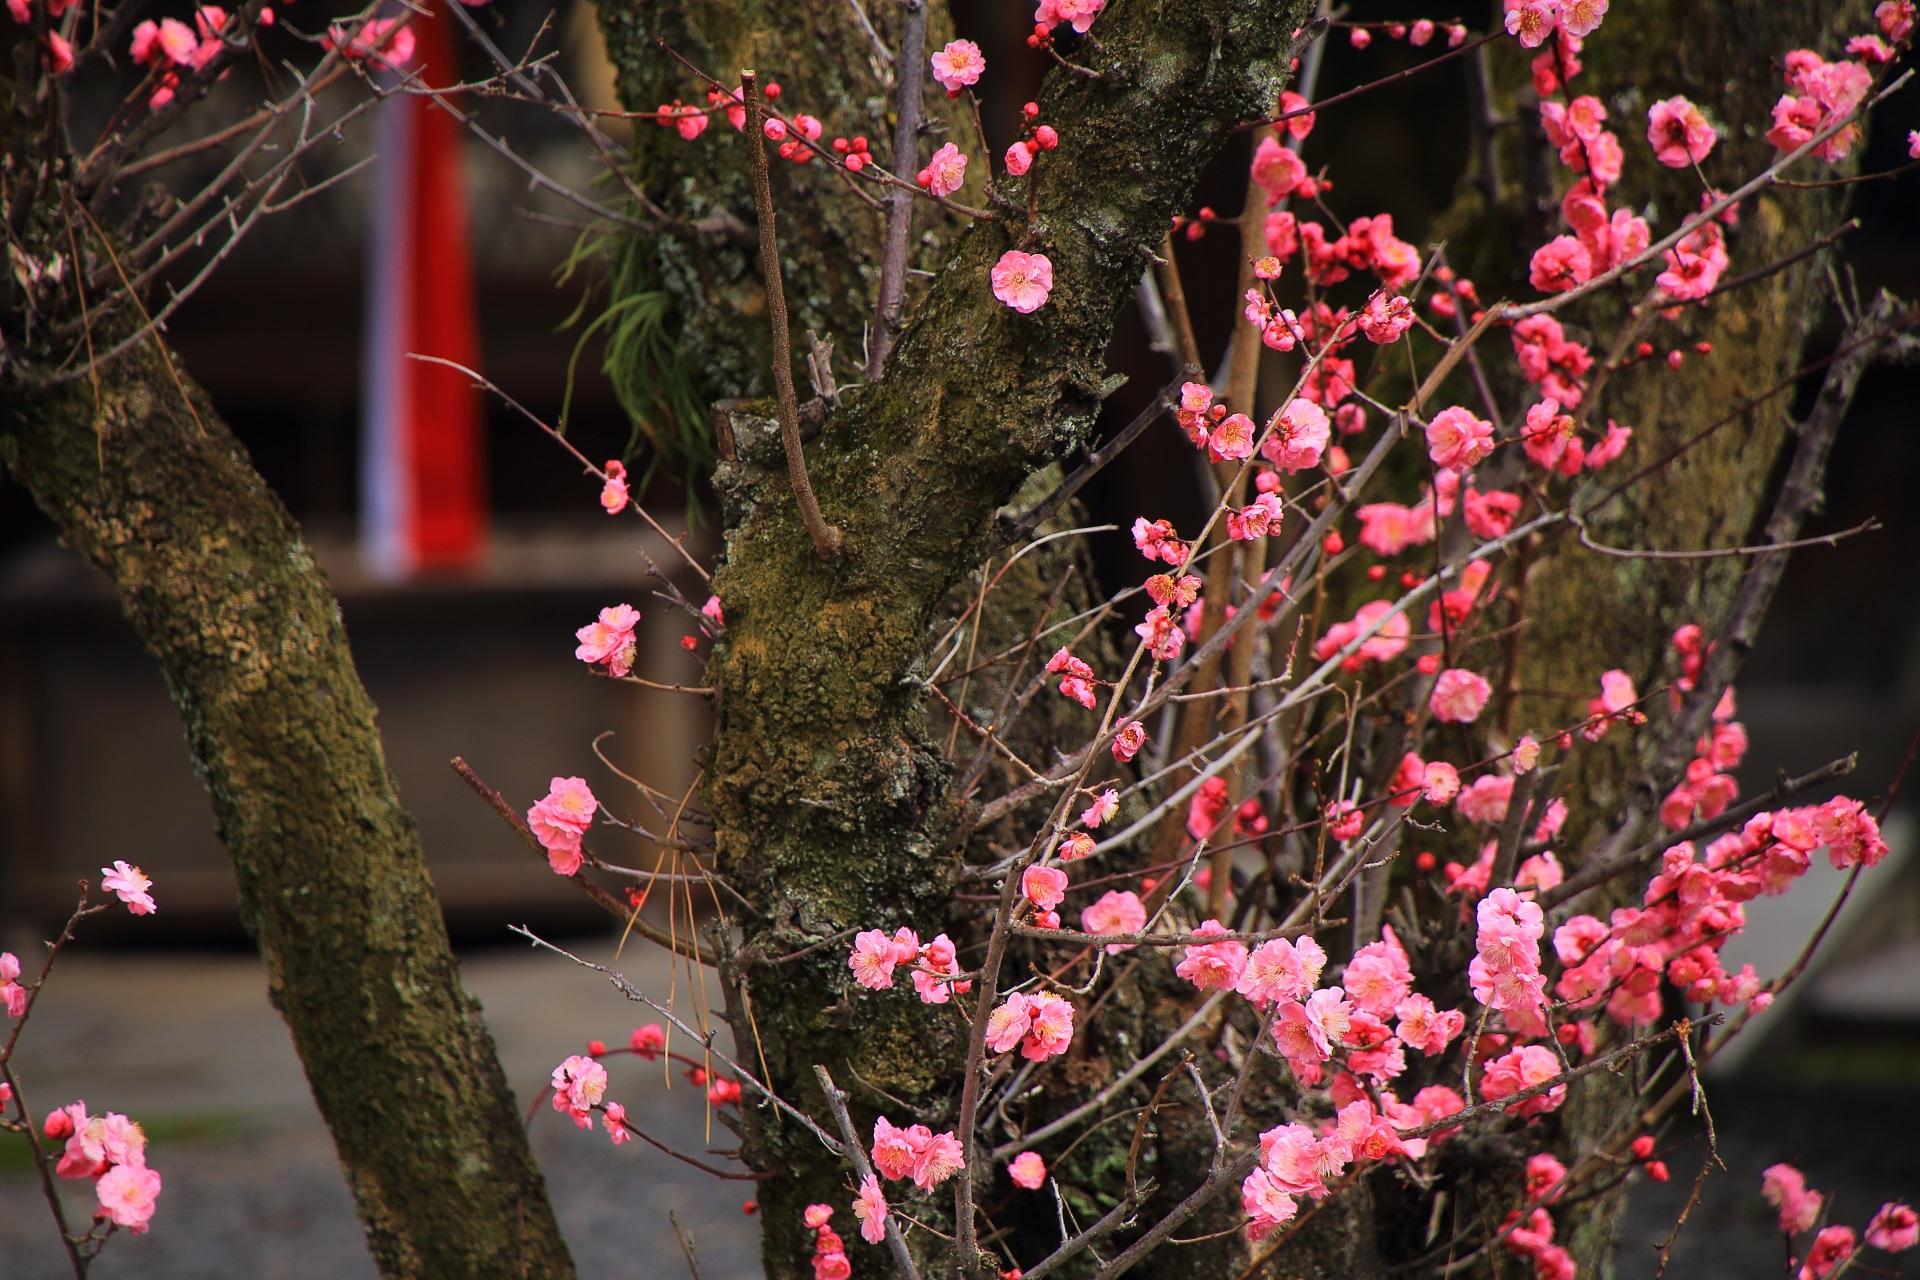 下御霊神社の風情ある梅の風景